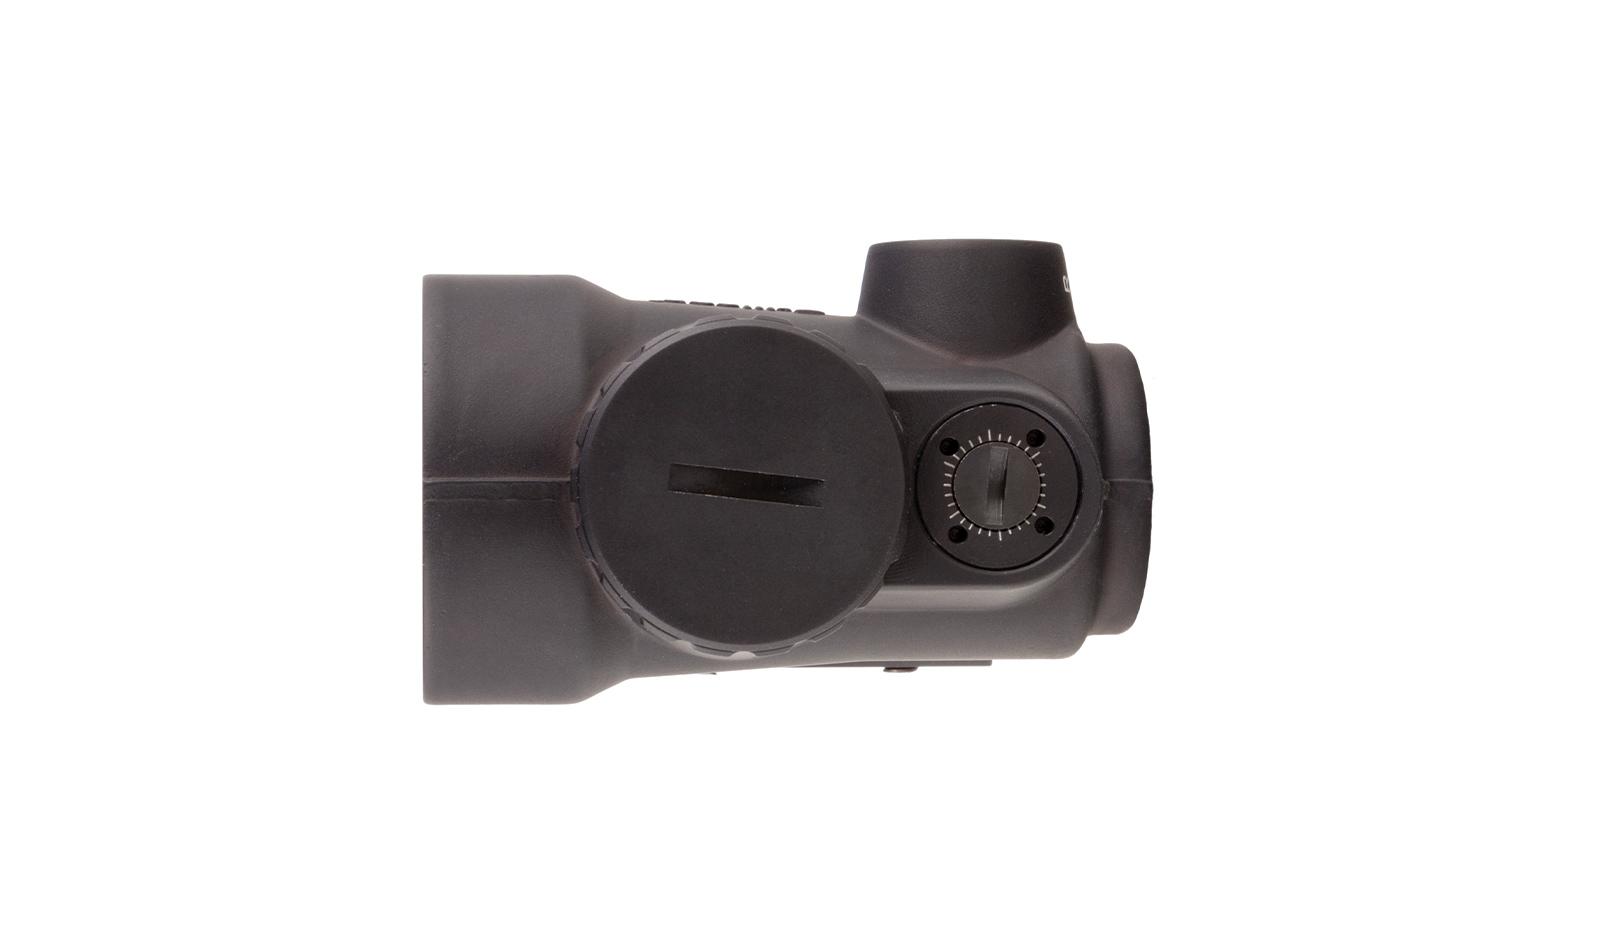 MRO-C-2200004 angle 9